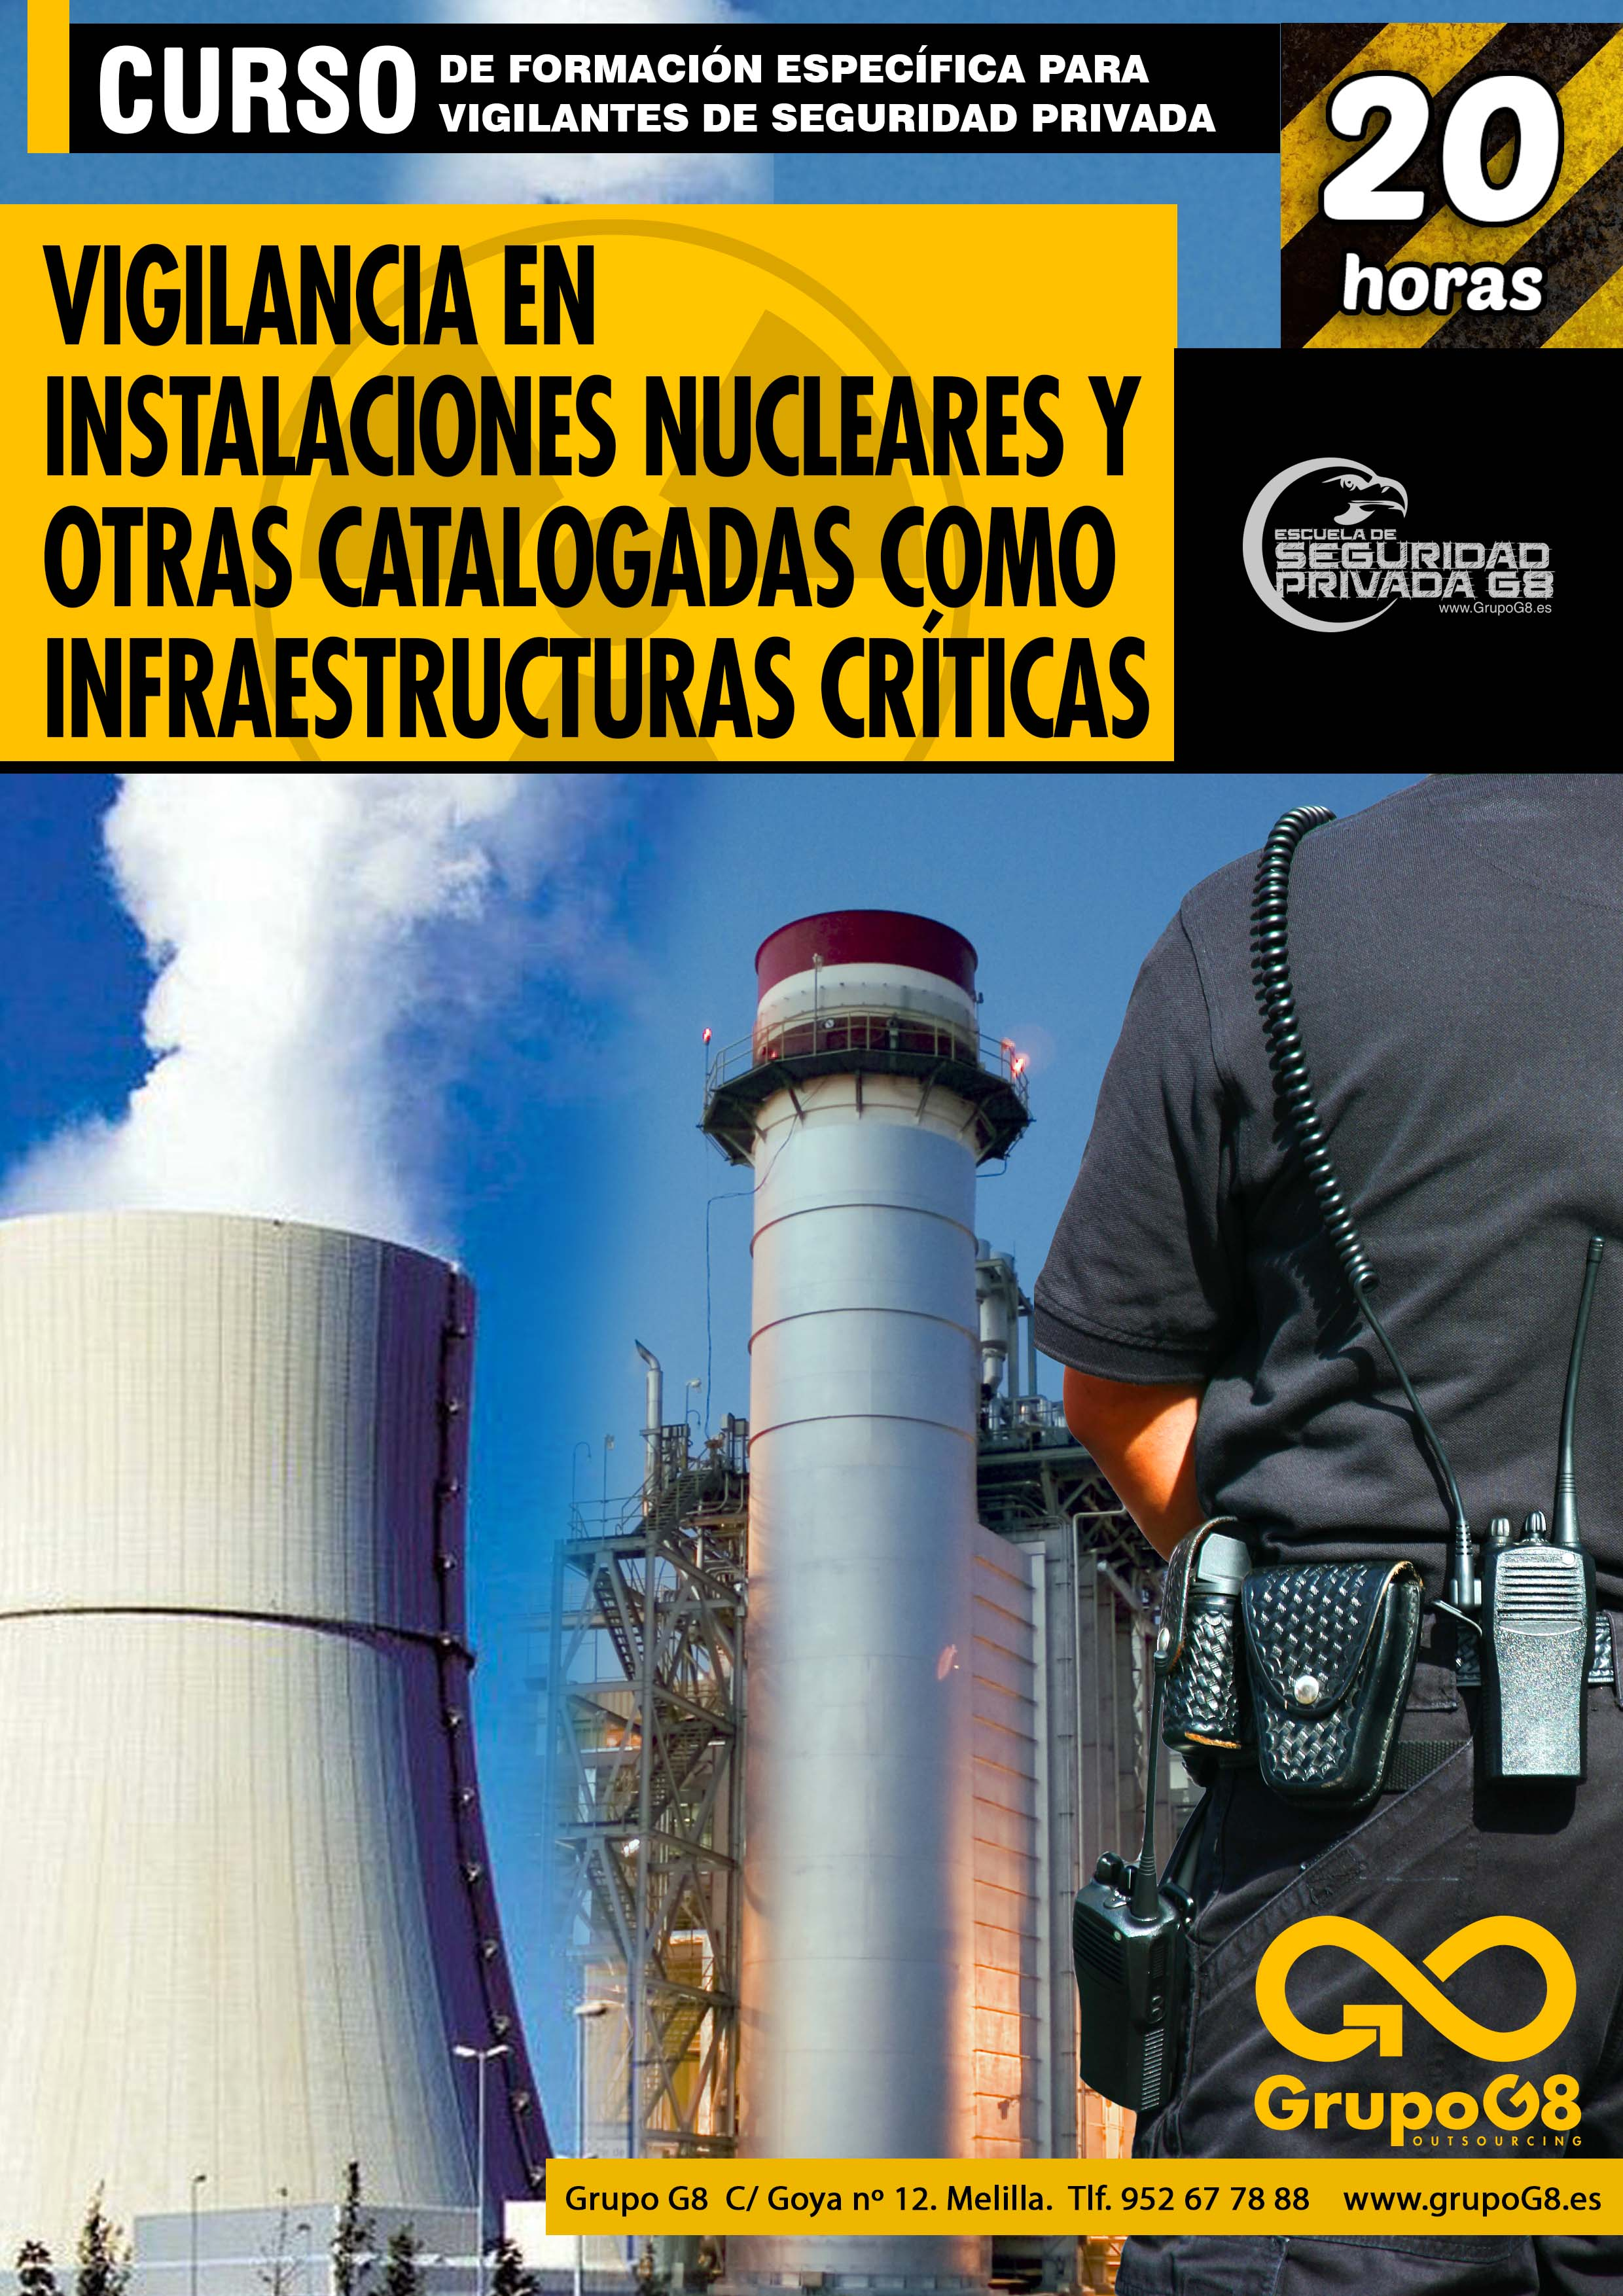 FEVS SERVICIO DE VIGILANCIA EN CENTRALES NUCLEARES Y OTRAS INFRAESTRUCTURAS CRÍTICAS